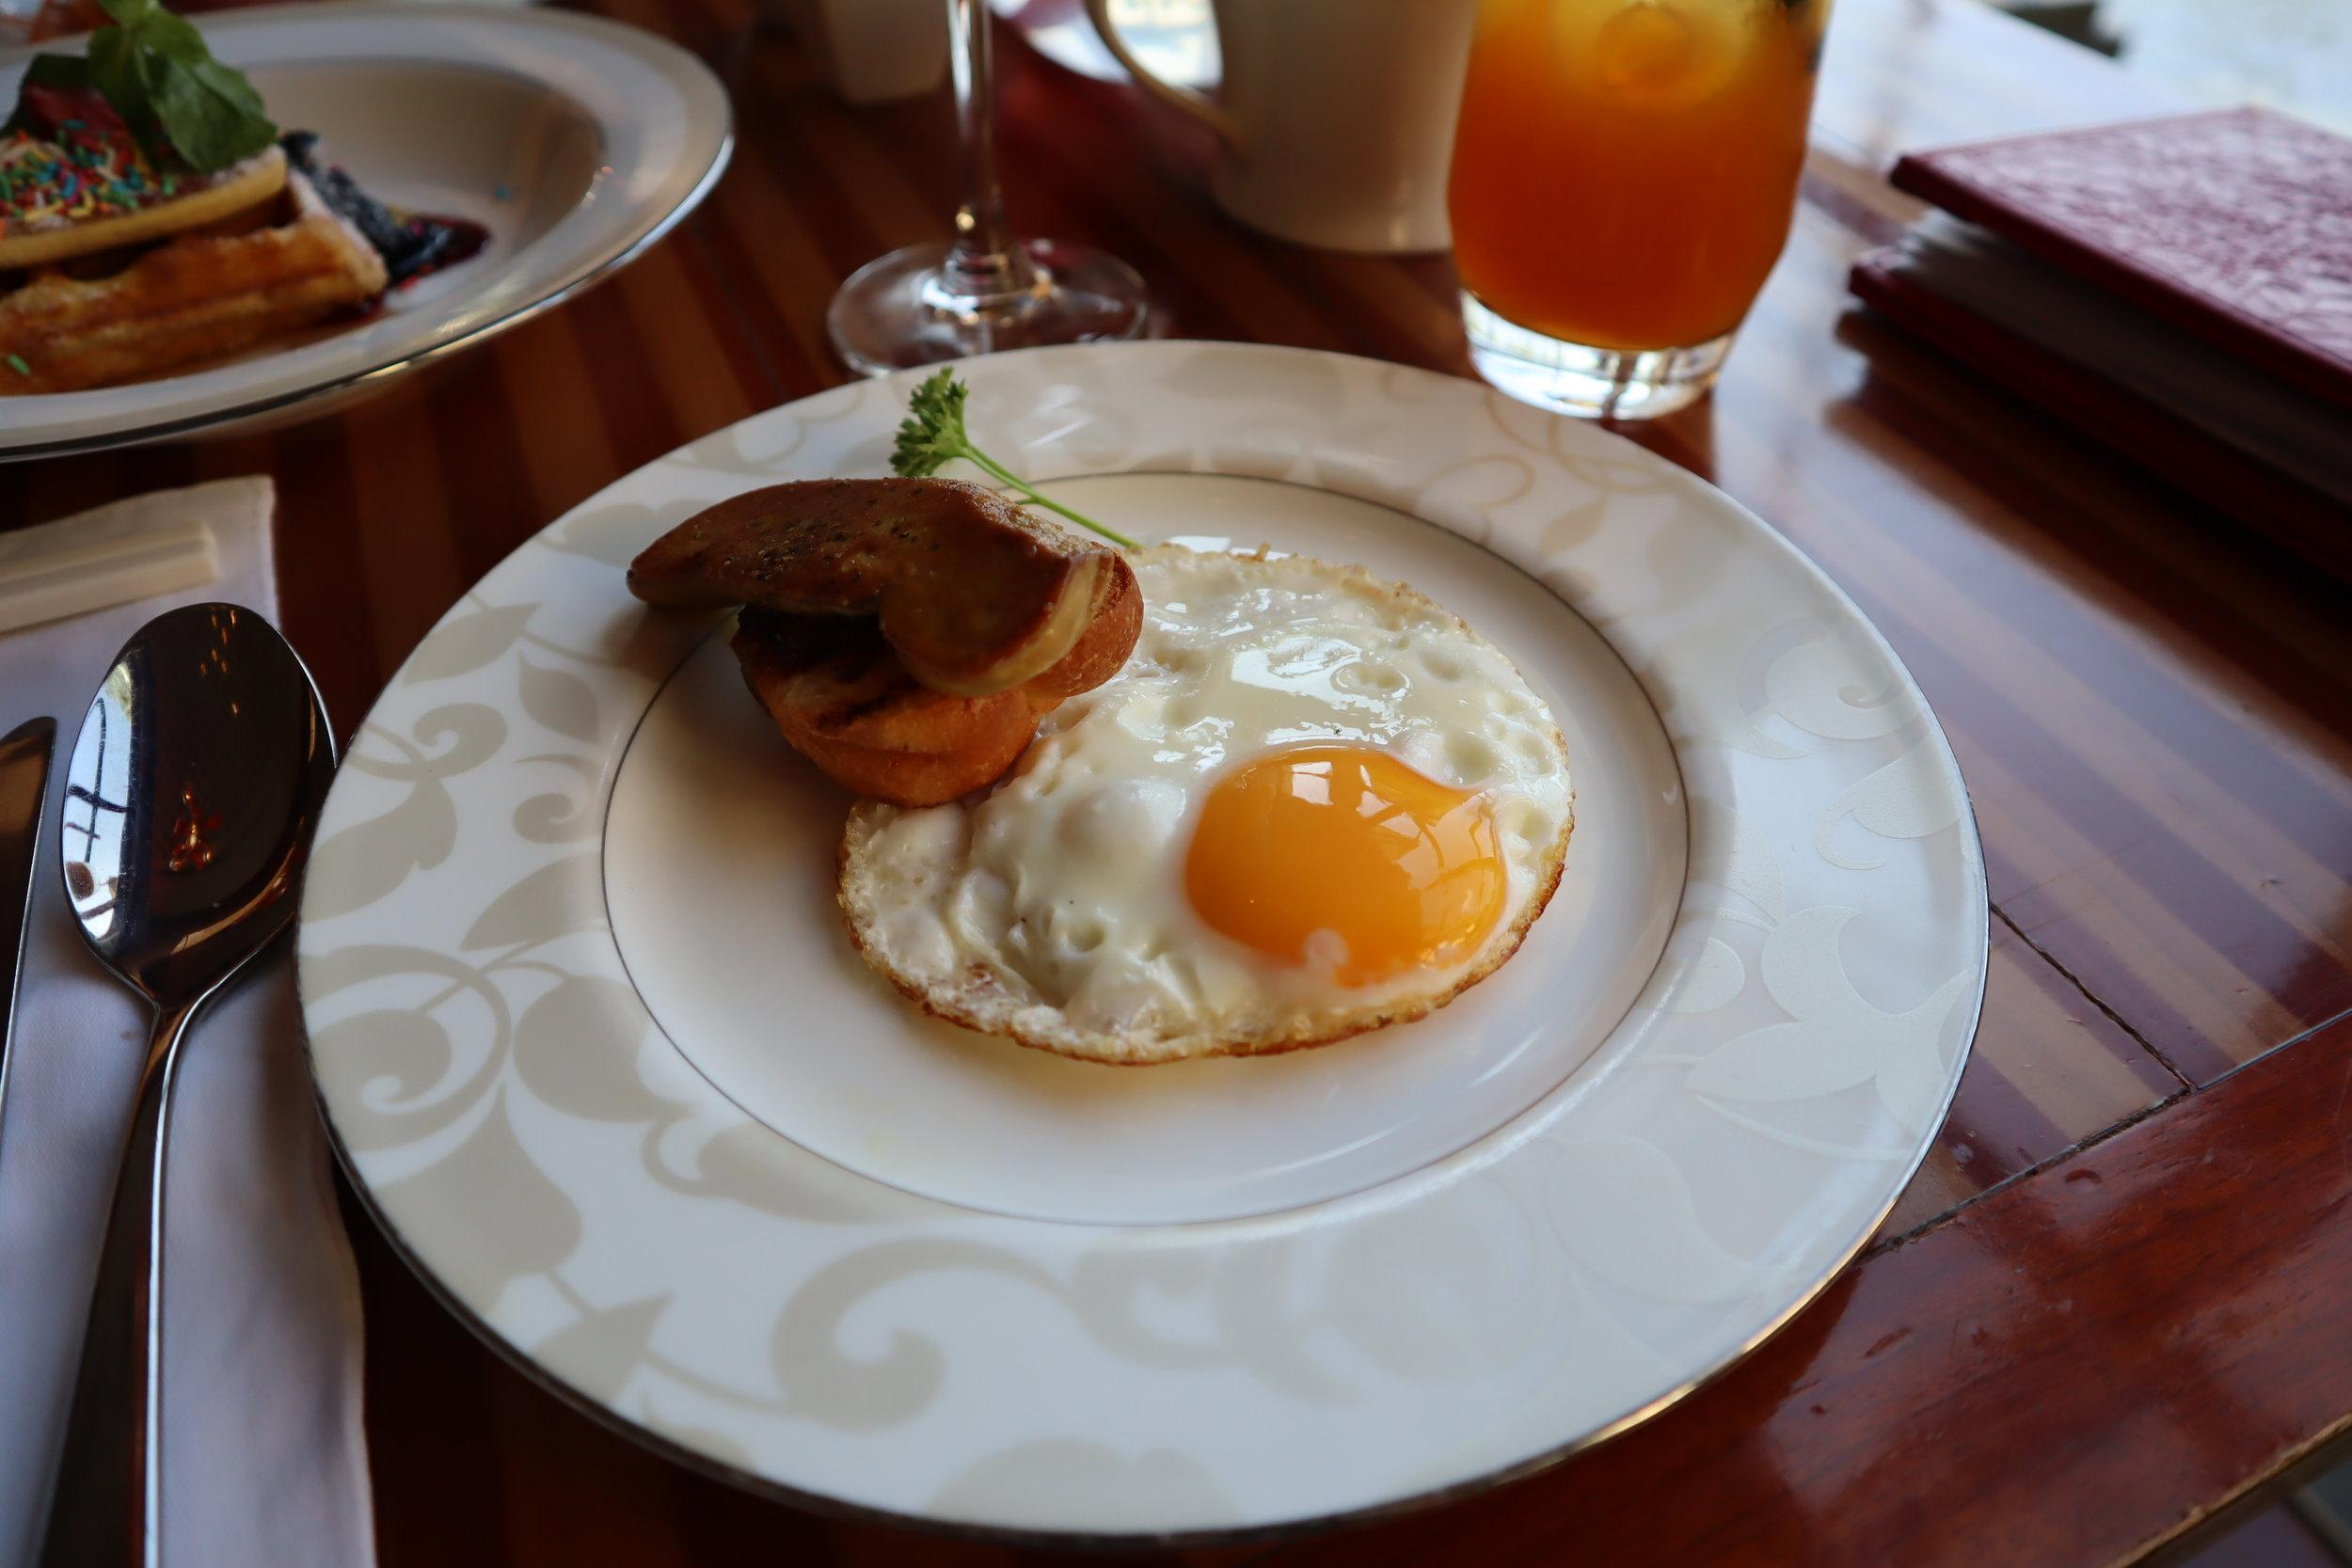 St. Regis Bali – Foie gras with eggs